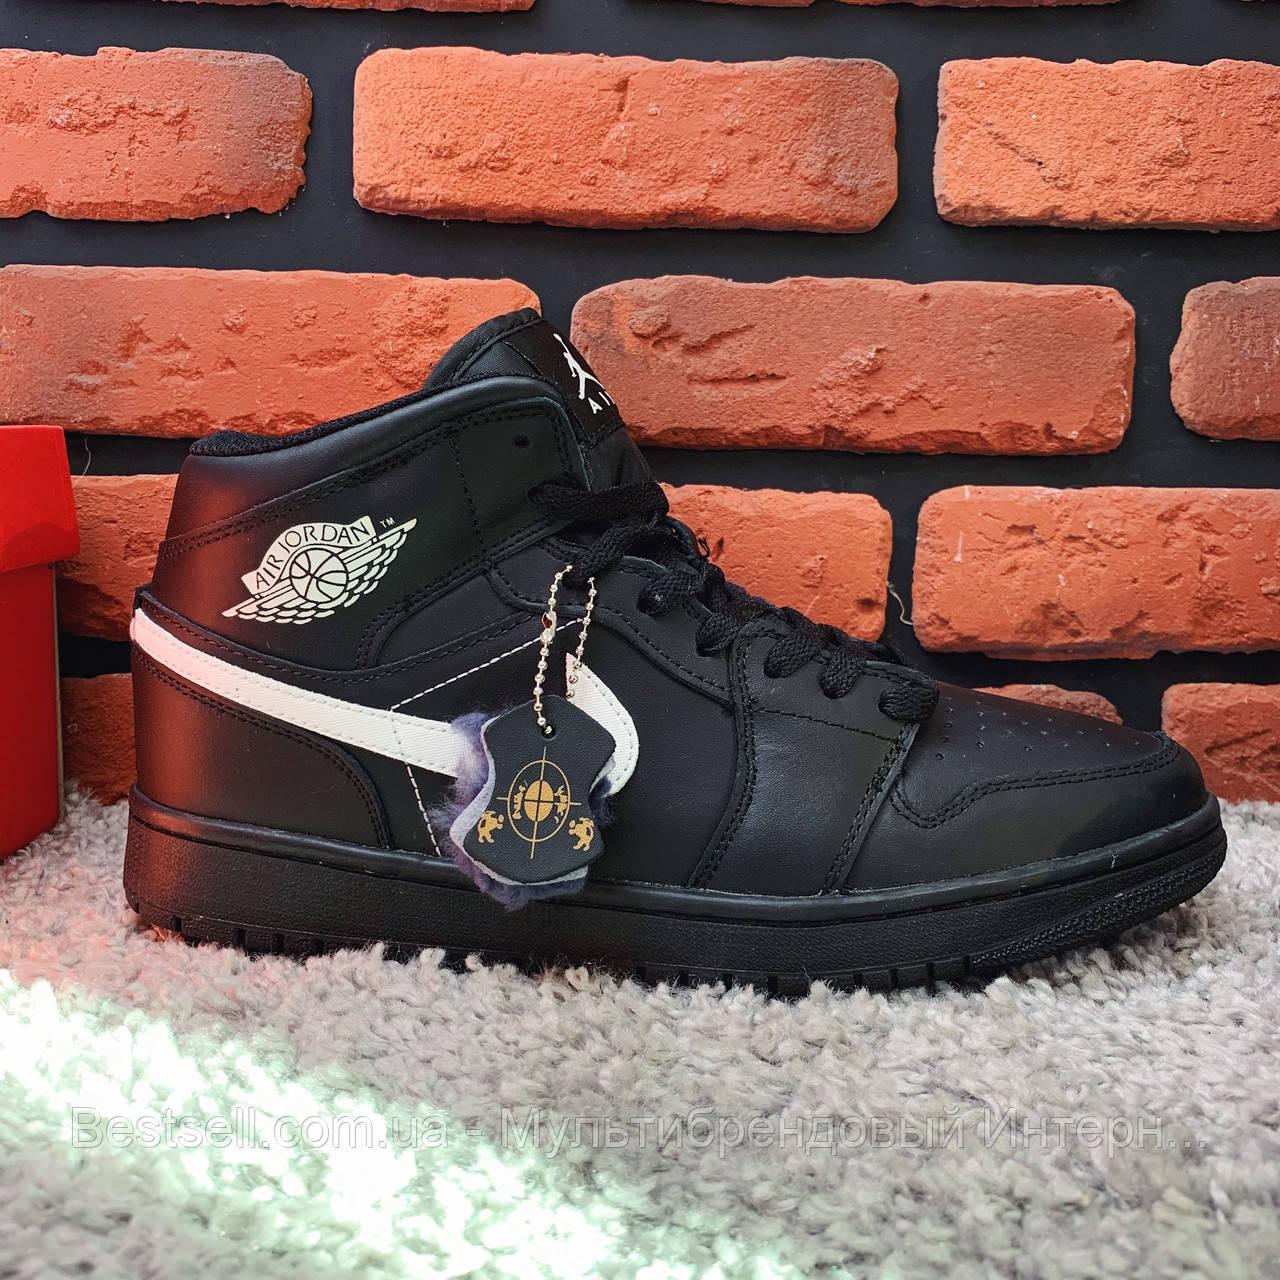 Зимові кросівки (на хутрі) Nike Air Jordan 1-127 ⏩ [43 останній розмір]